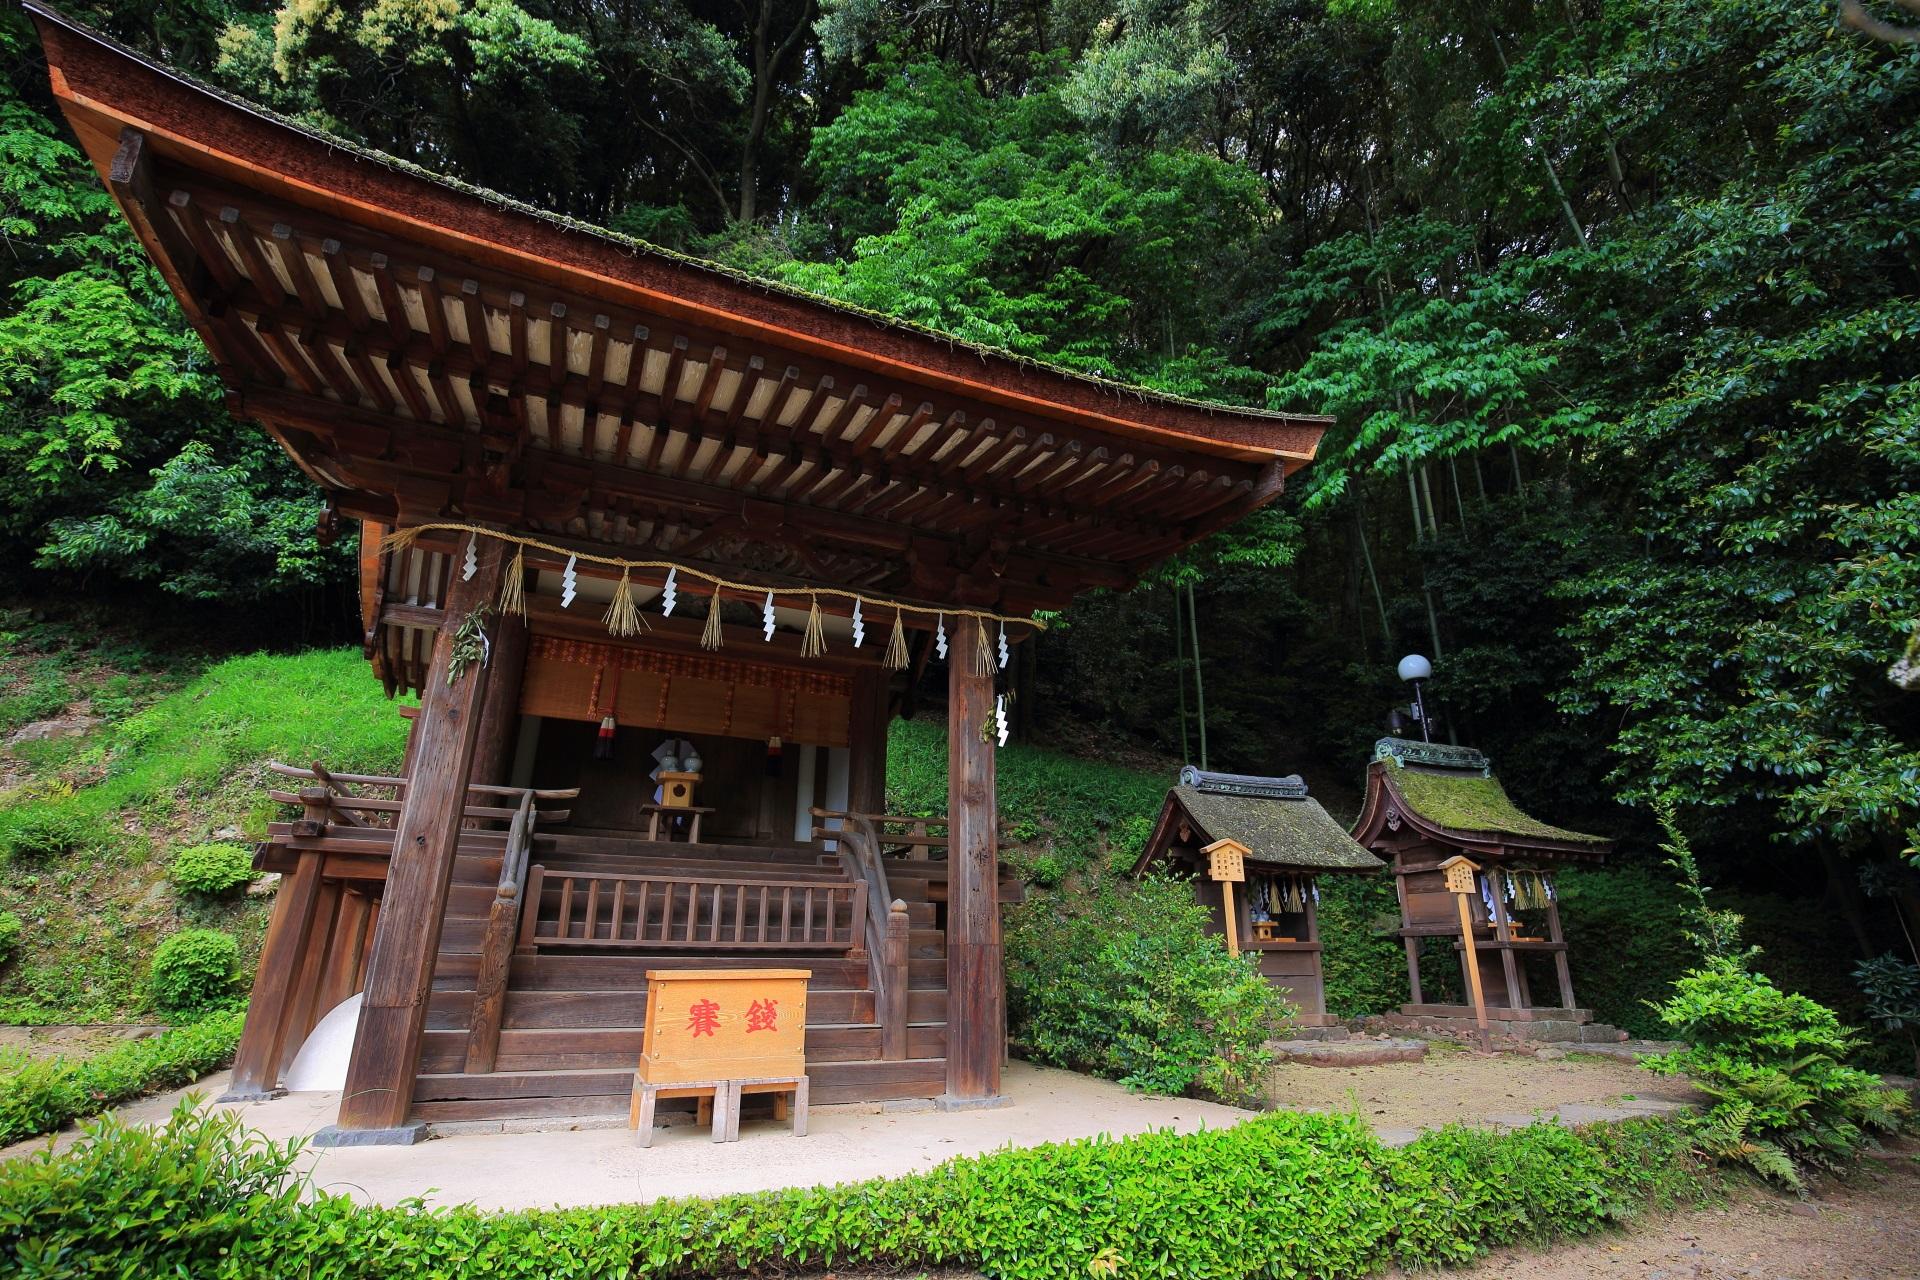 宇治上神社の摂社の春日神社と末社